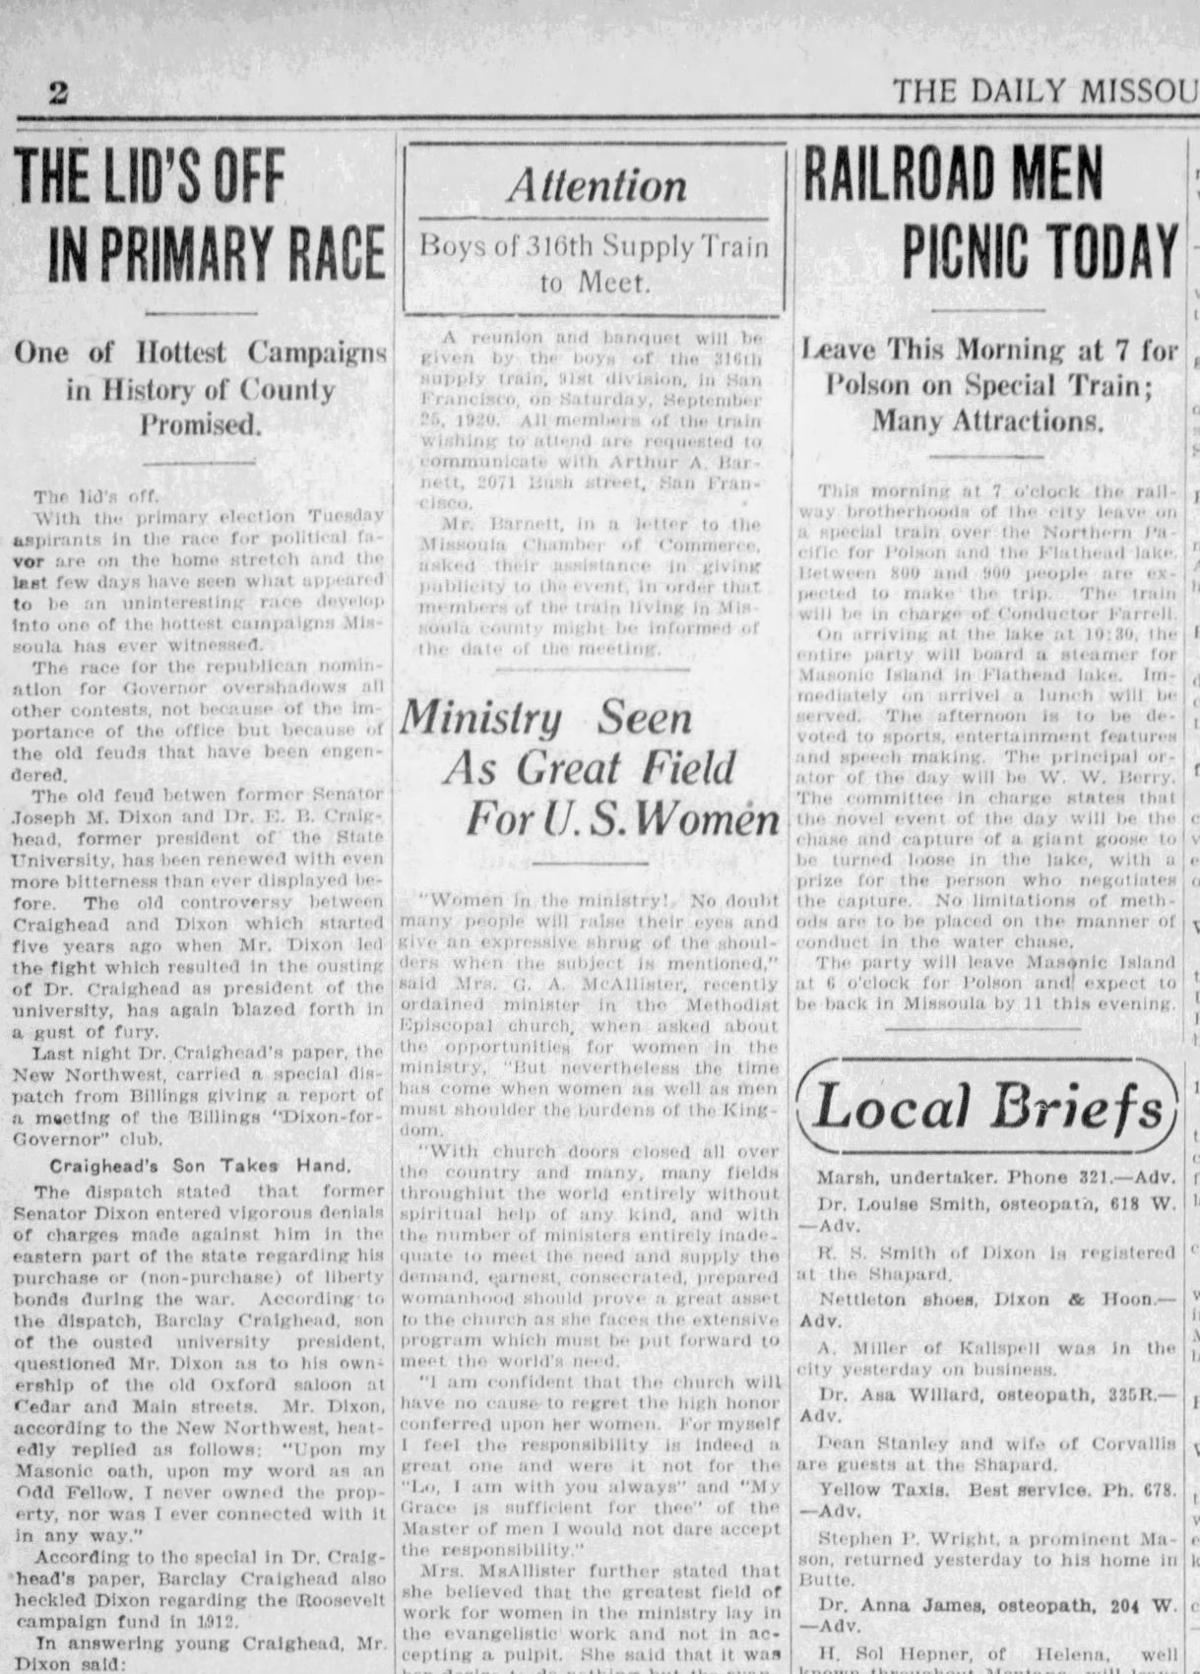 Dixon-Craighead Aug. 22, 1920